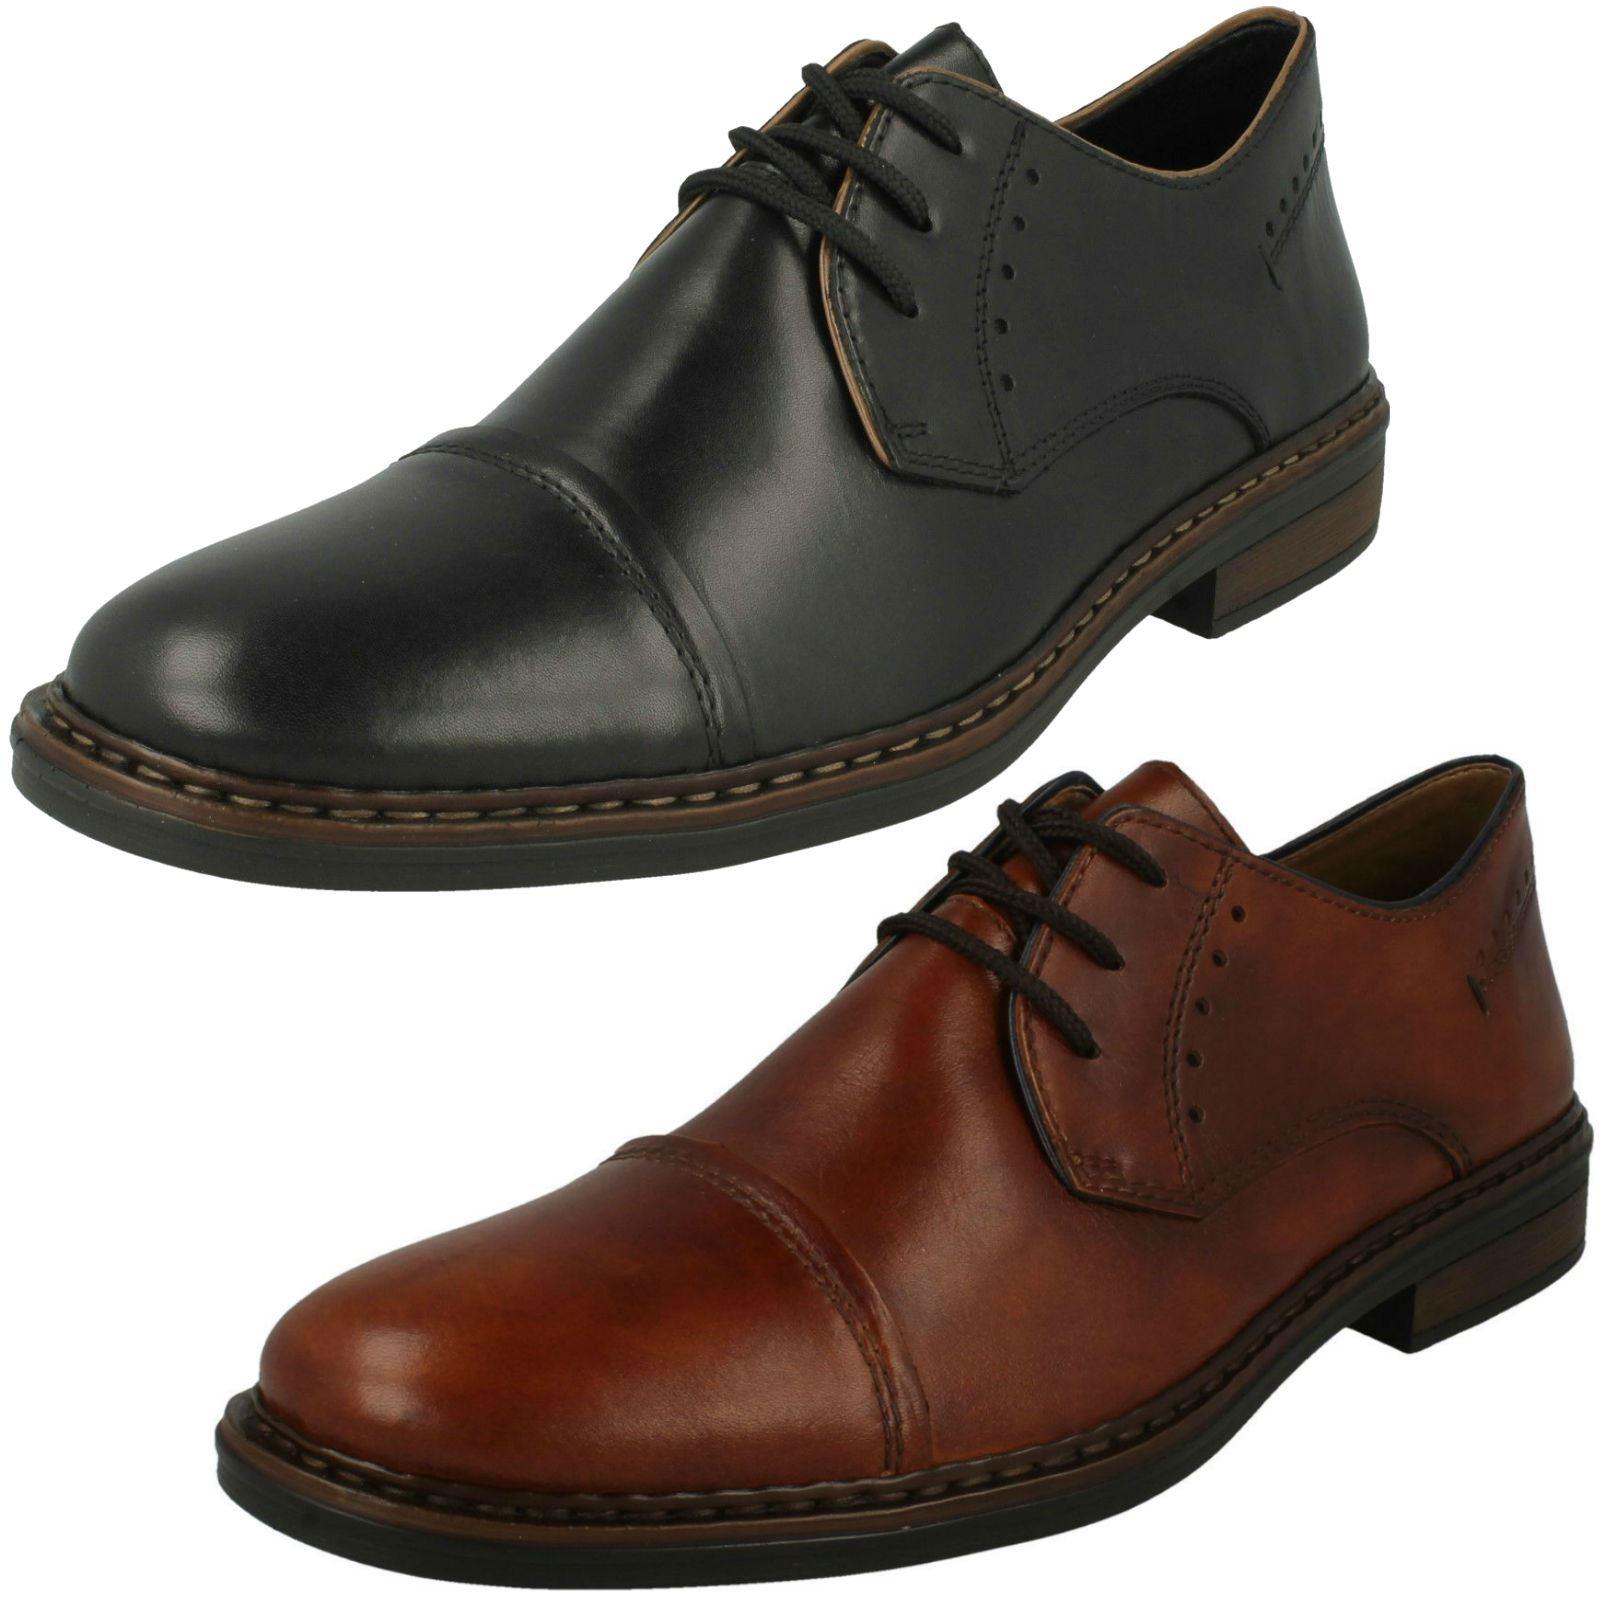 Détails sur Rieker Homme FORMAL LACE UP chaussures 17617 afficher le titre d'origine